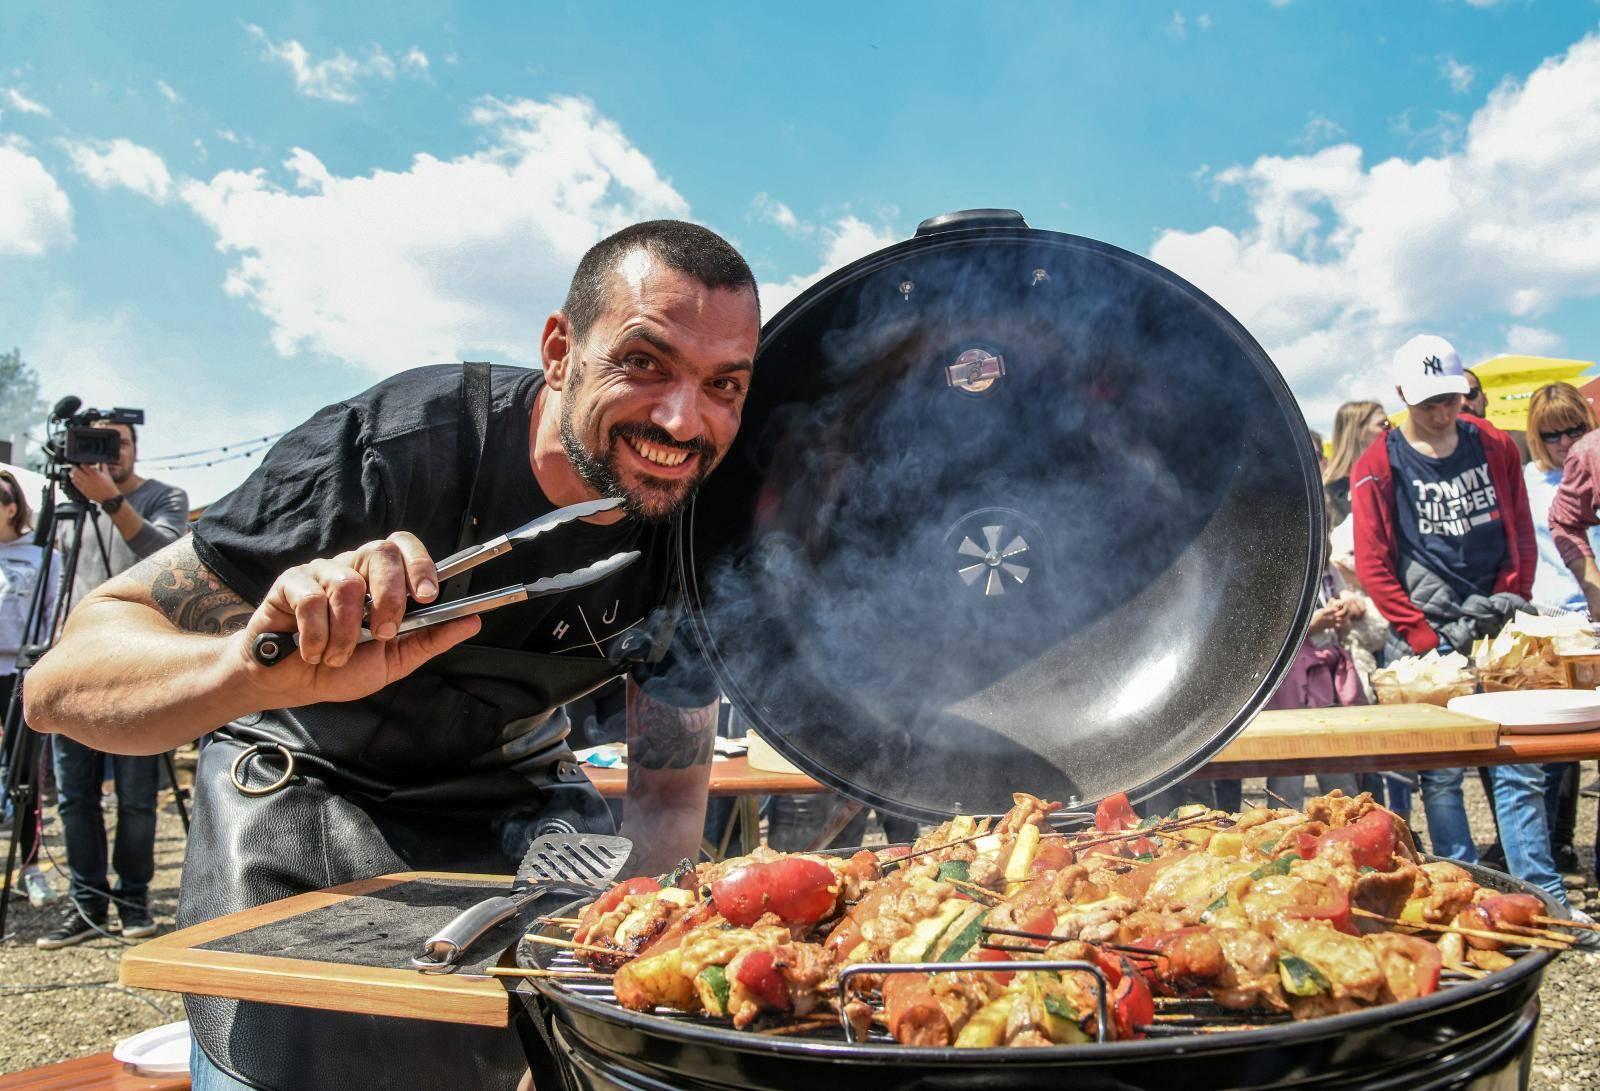 'Prvo sam skuhao tjesteninu, a bilo bi fora da sam kuhar Papi'